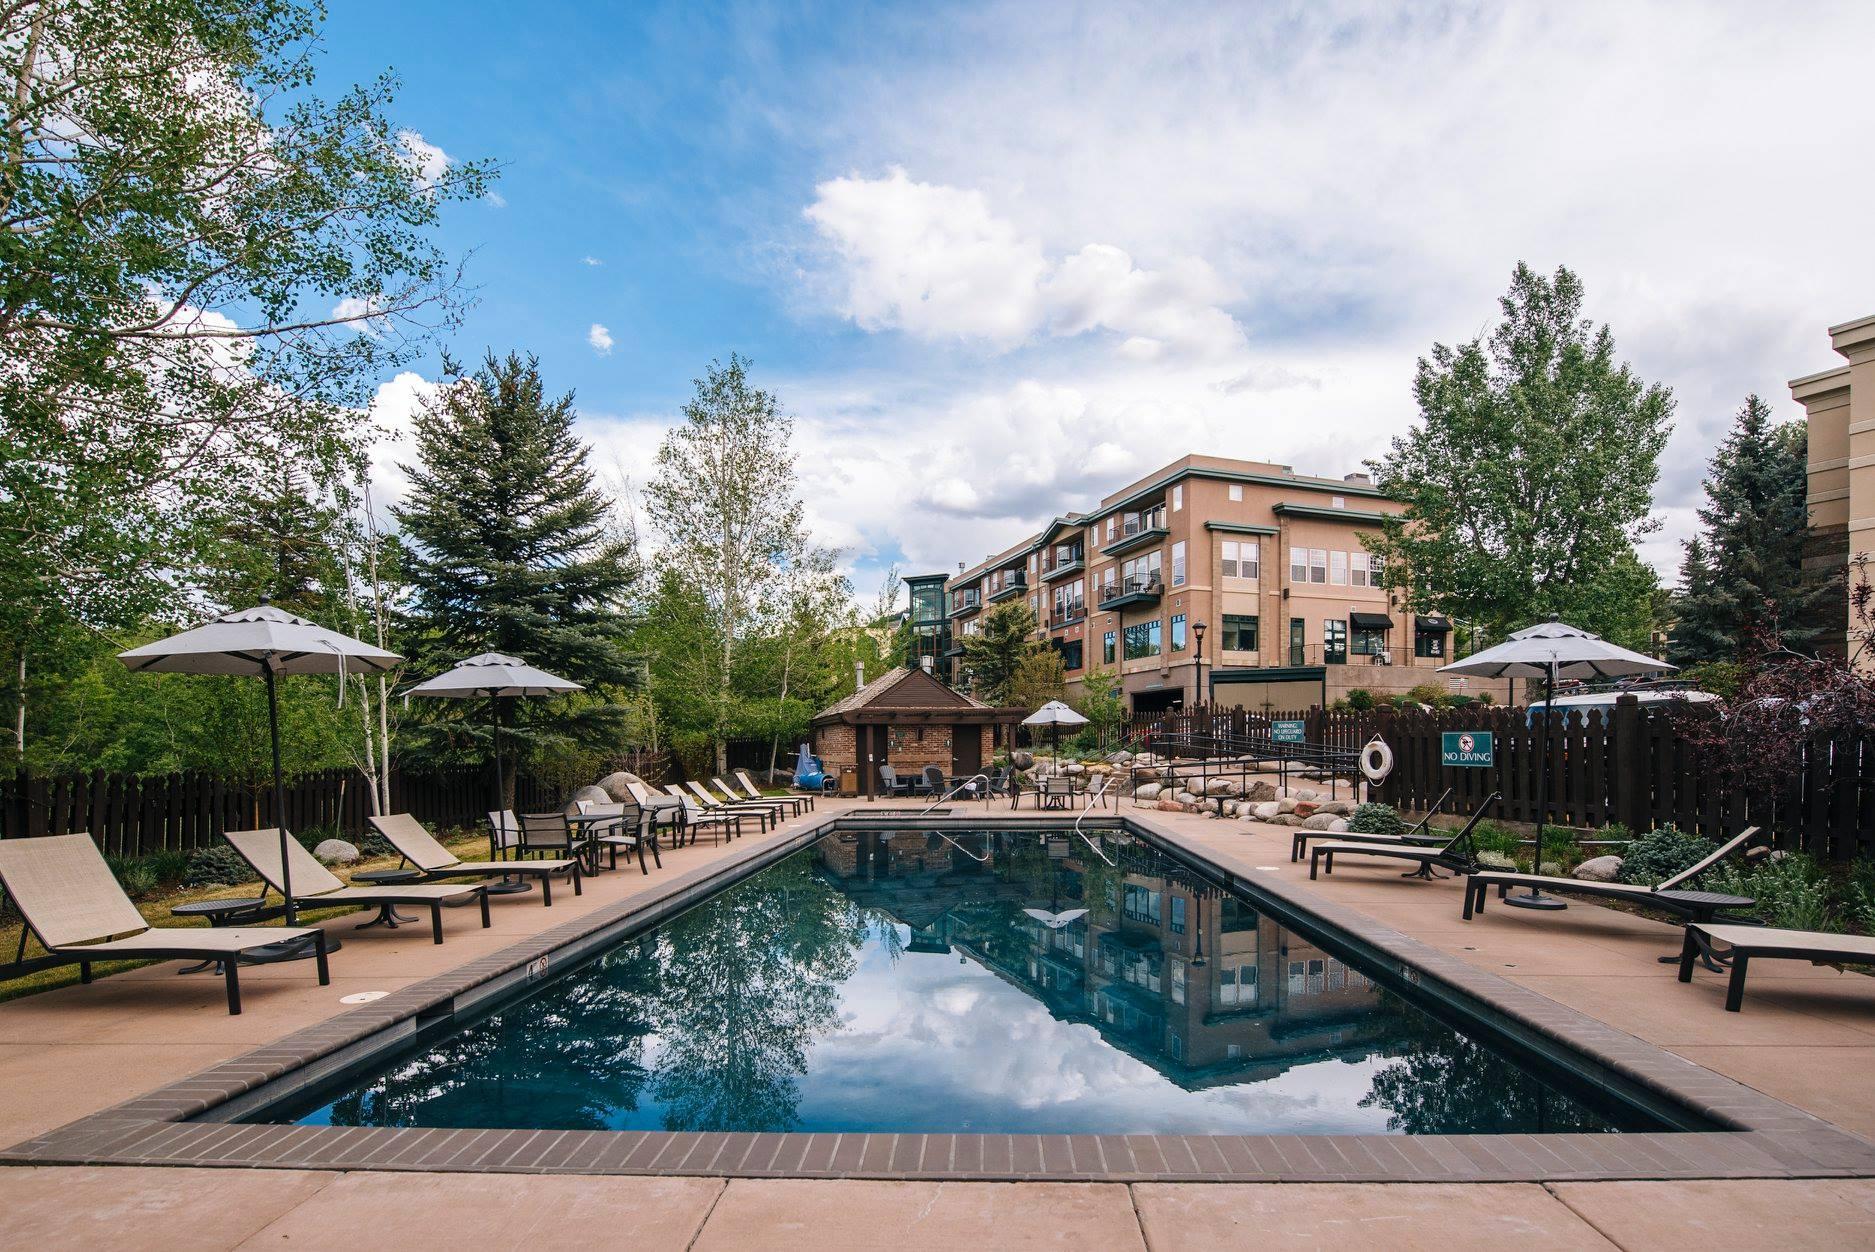 image of the pool at inn at riverwalk